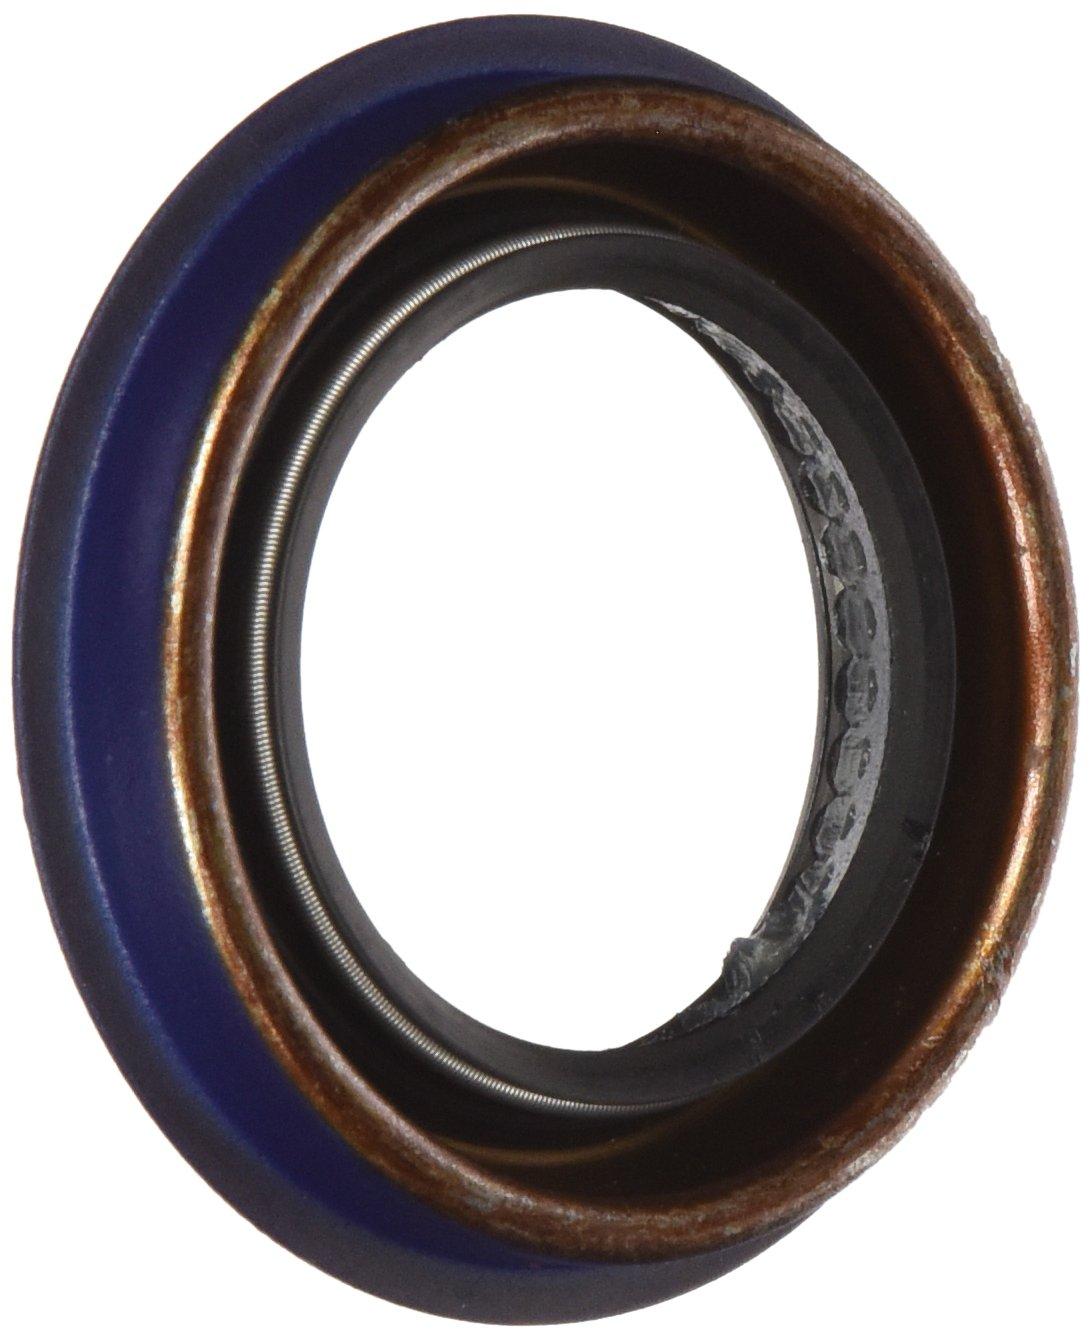 Kia 43119-39020 Auto Trans Output Shaft Seal